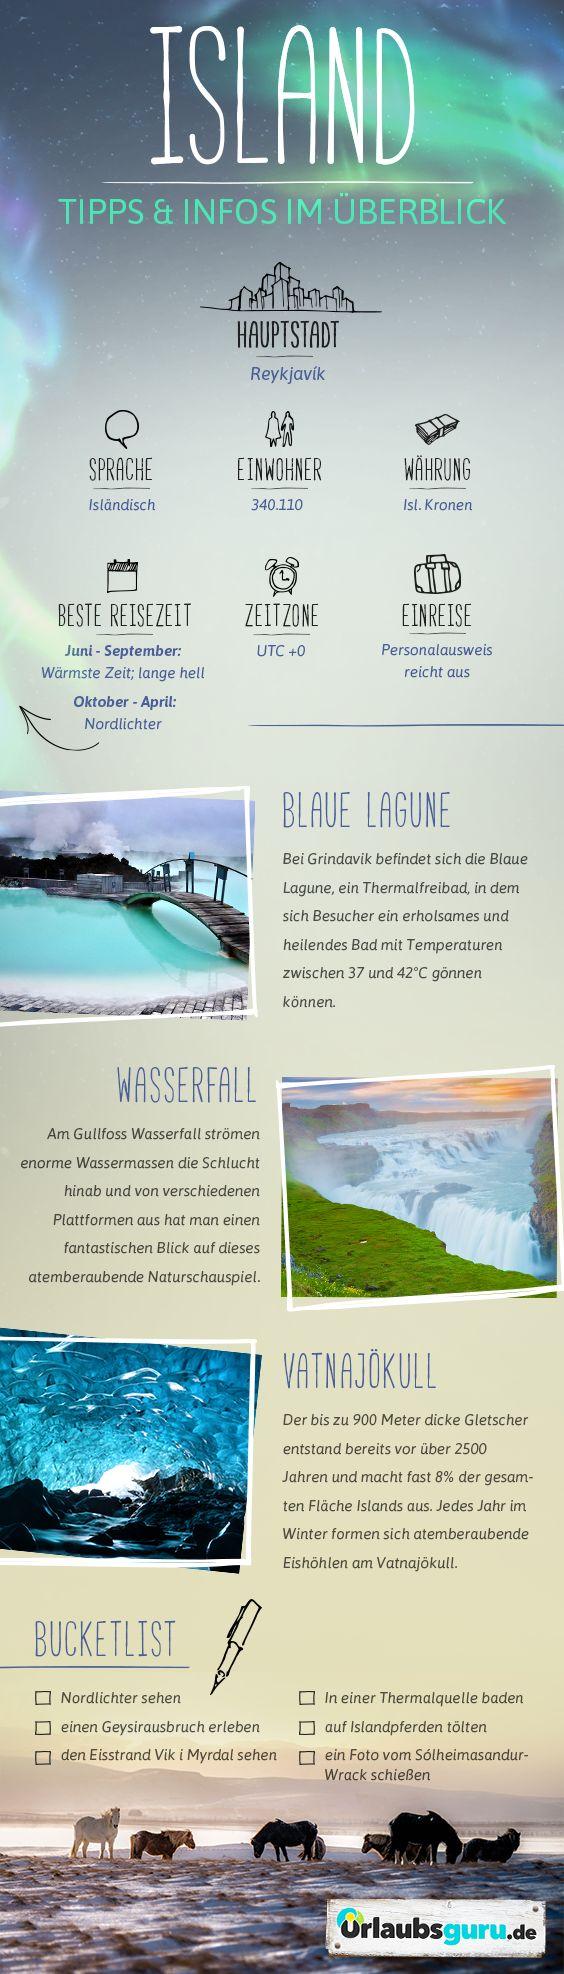 In meinen Island Tipps & Infos erfahrt ihr alles Wichtige über die beliebte Insel und ihre schönsten Naturspektakel. Sp könntihr schon bald eure Island Bucketlist in Angriff nehmen!